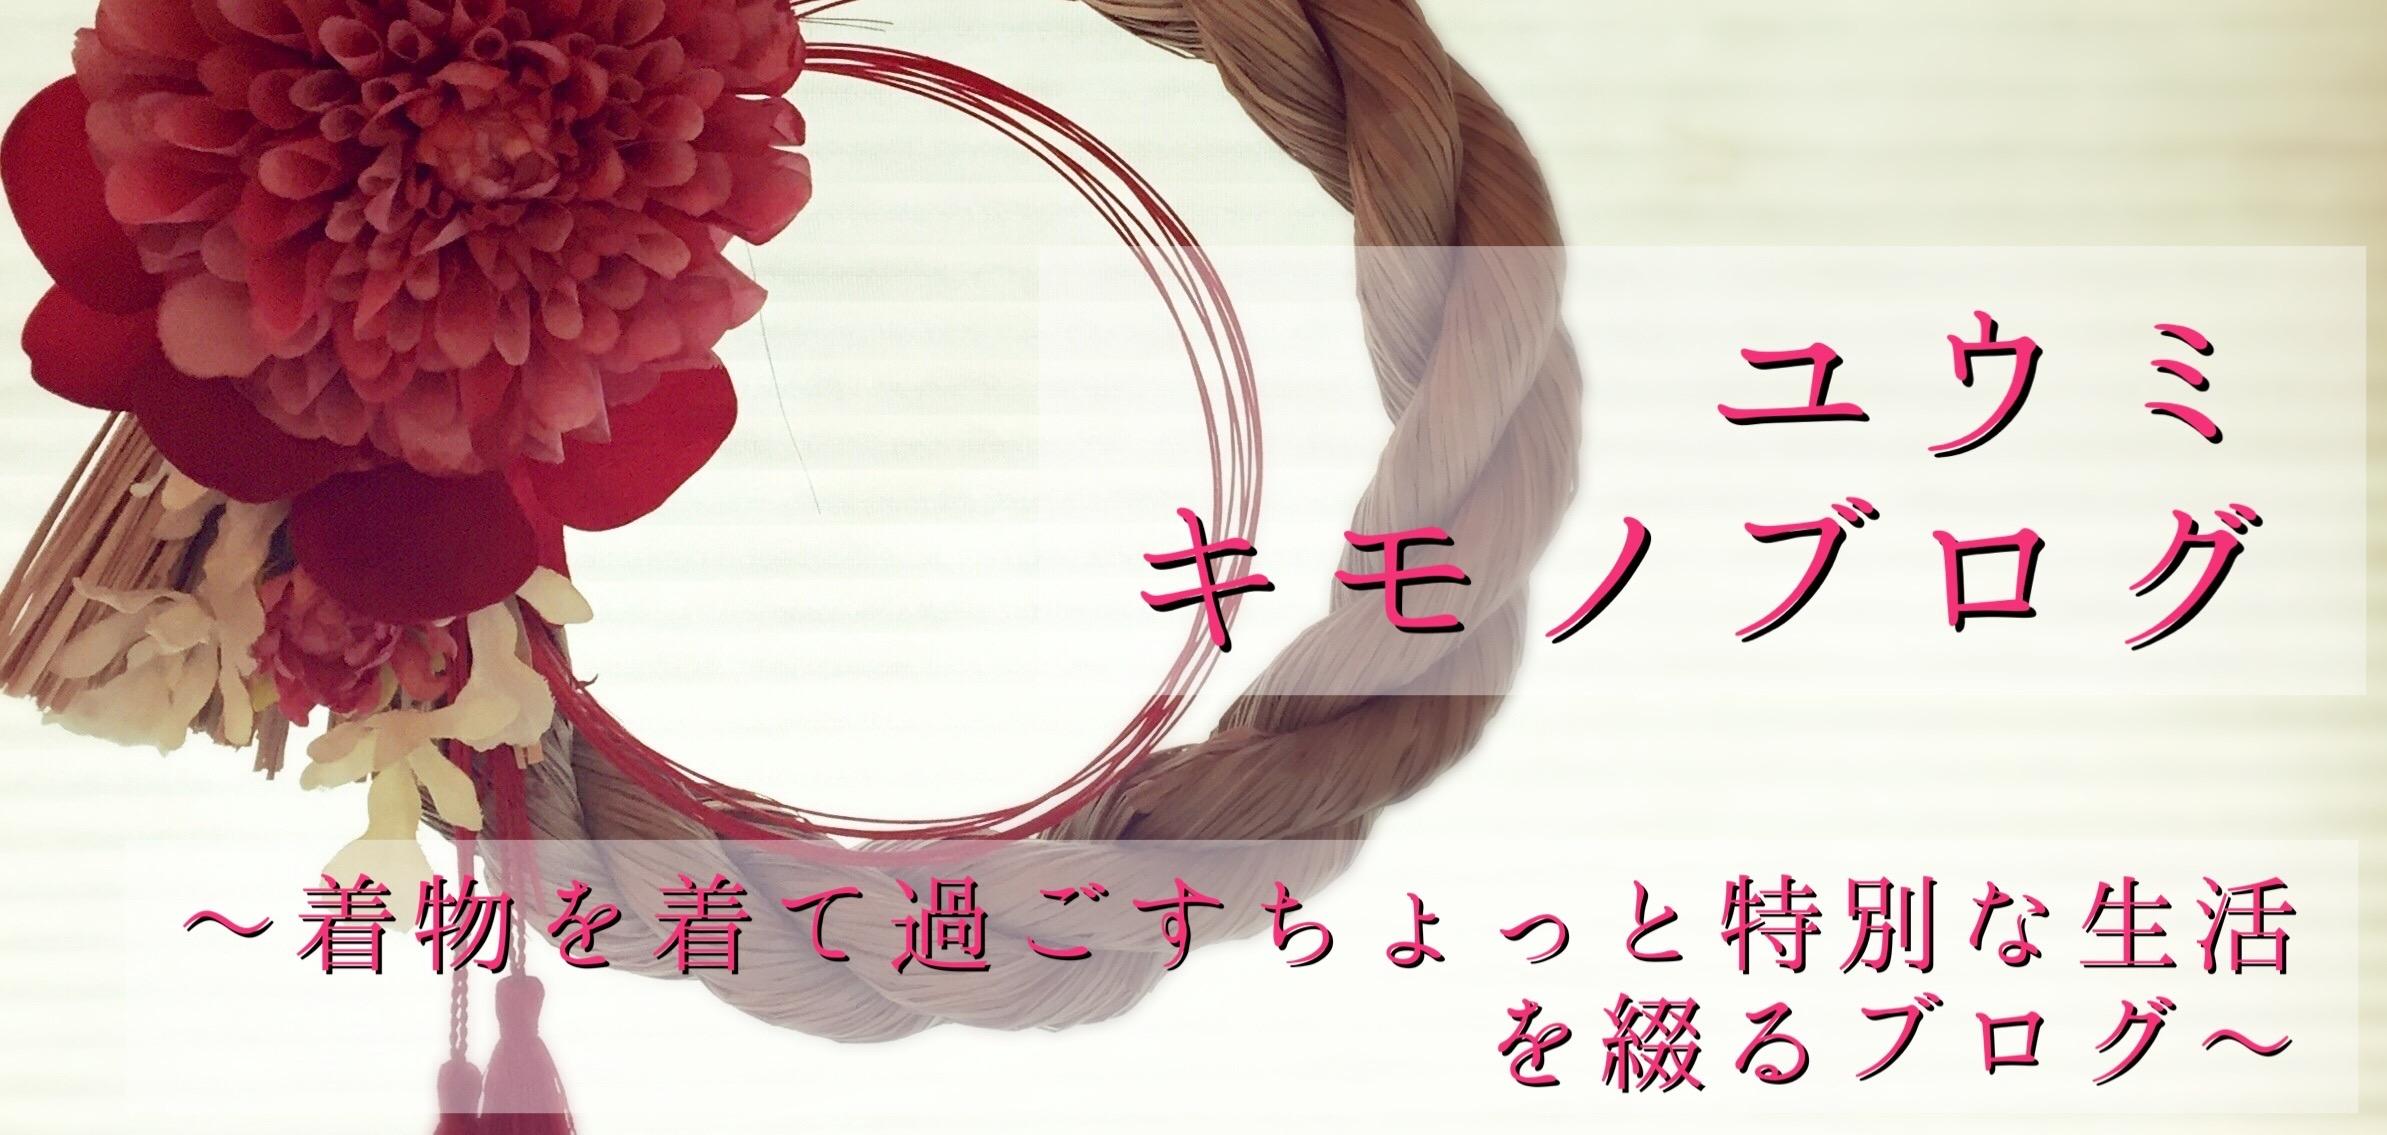 ユウミ キモノブログ